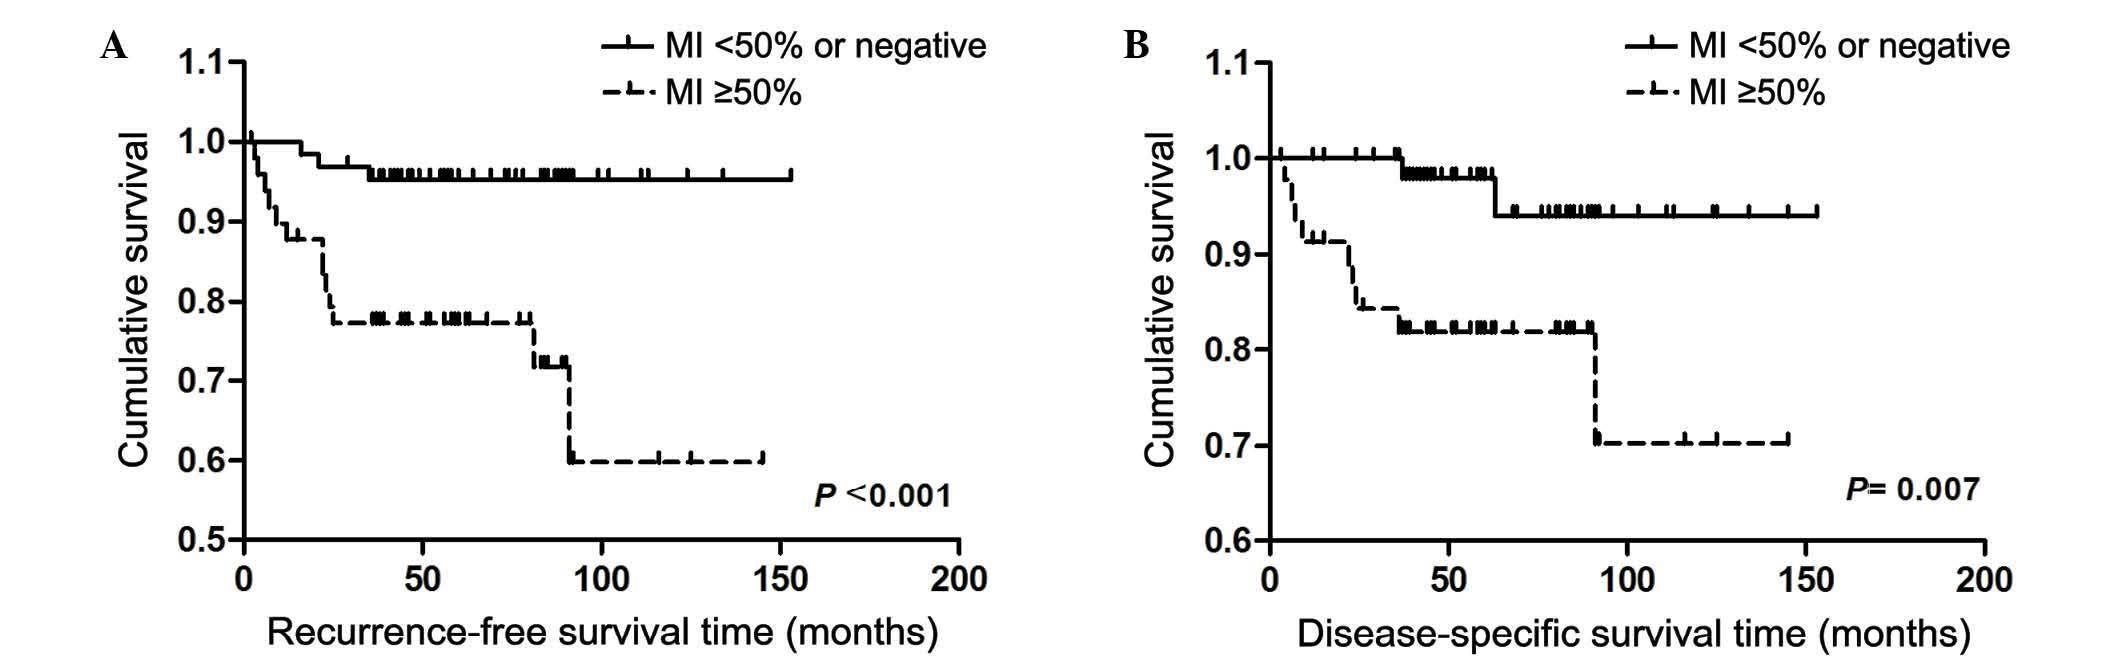 Endometrial cancer survival rate Profilul de risc clinic asociat cancerului ovarian